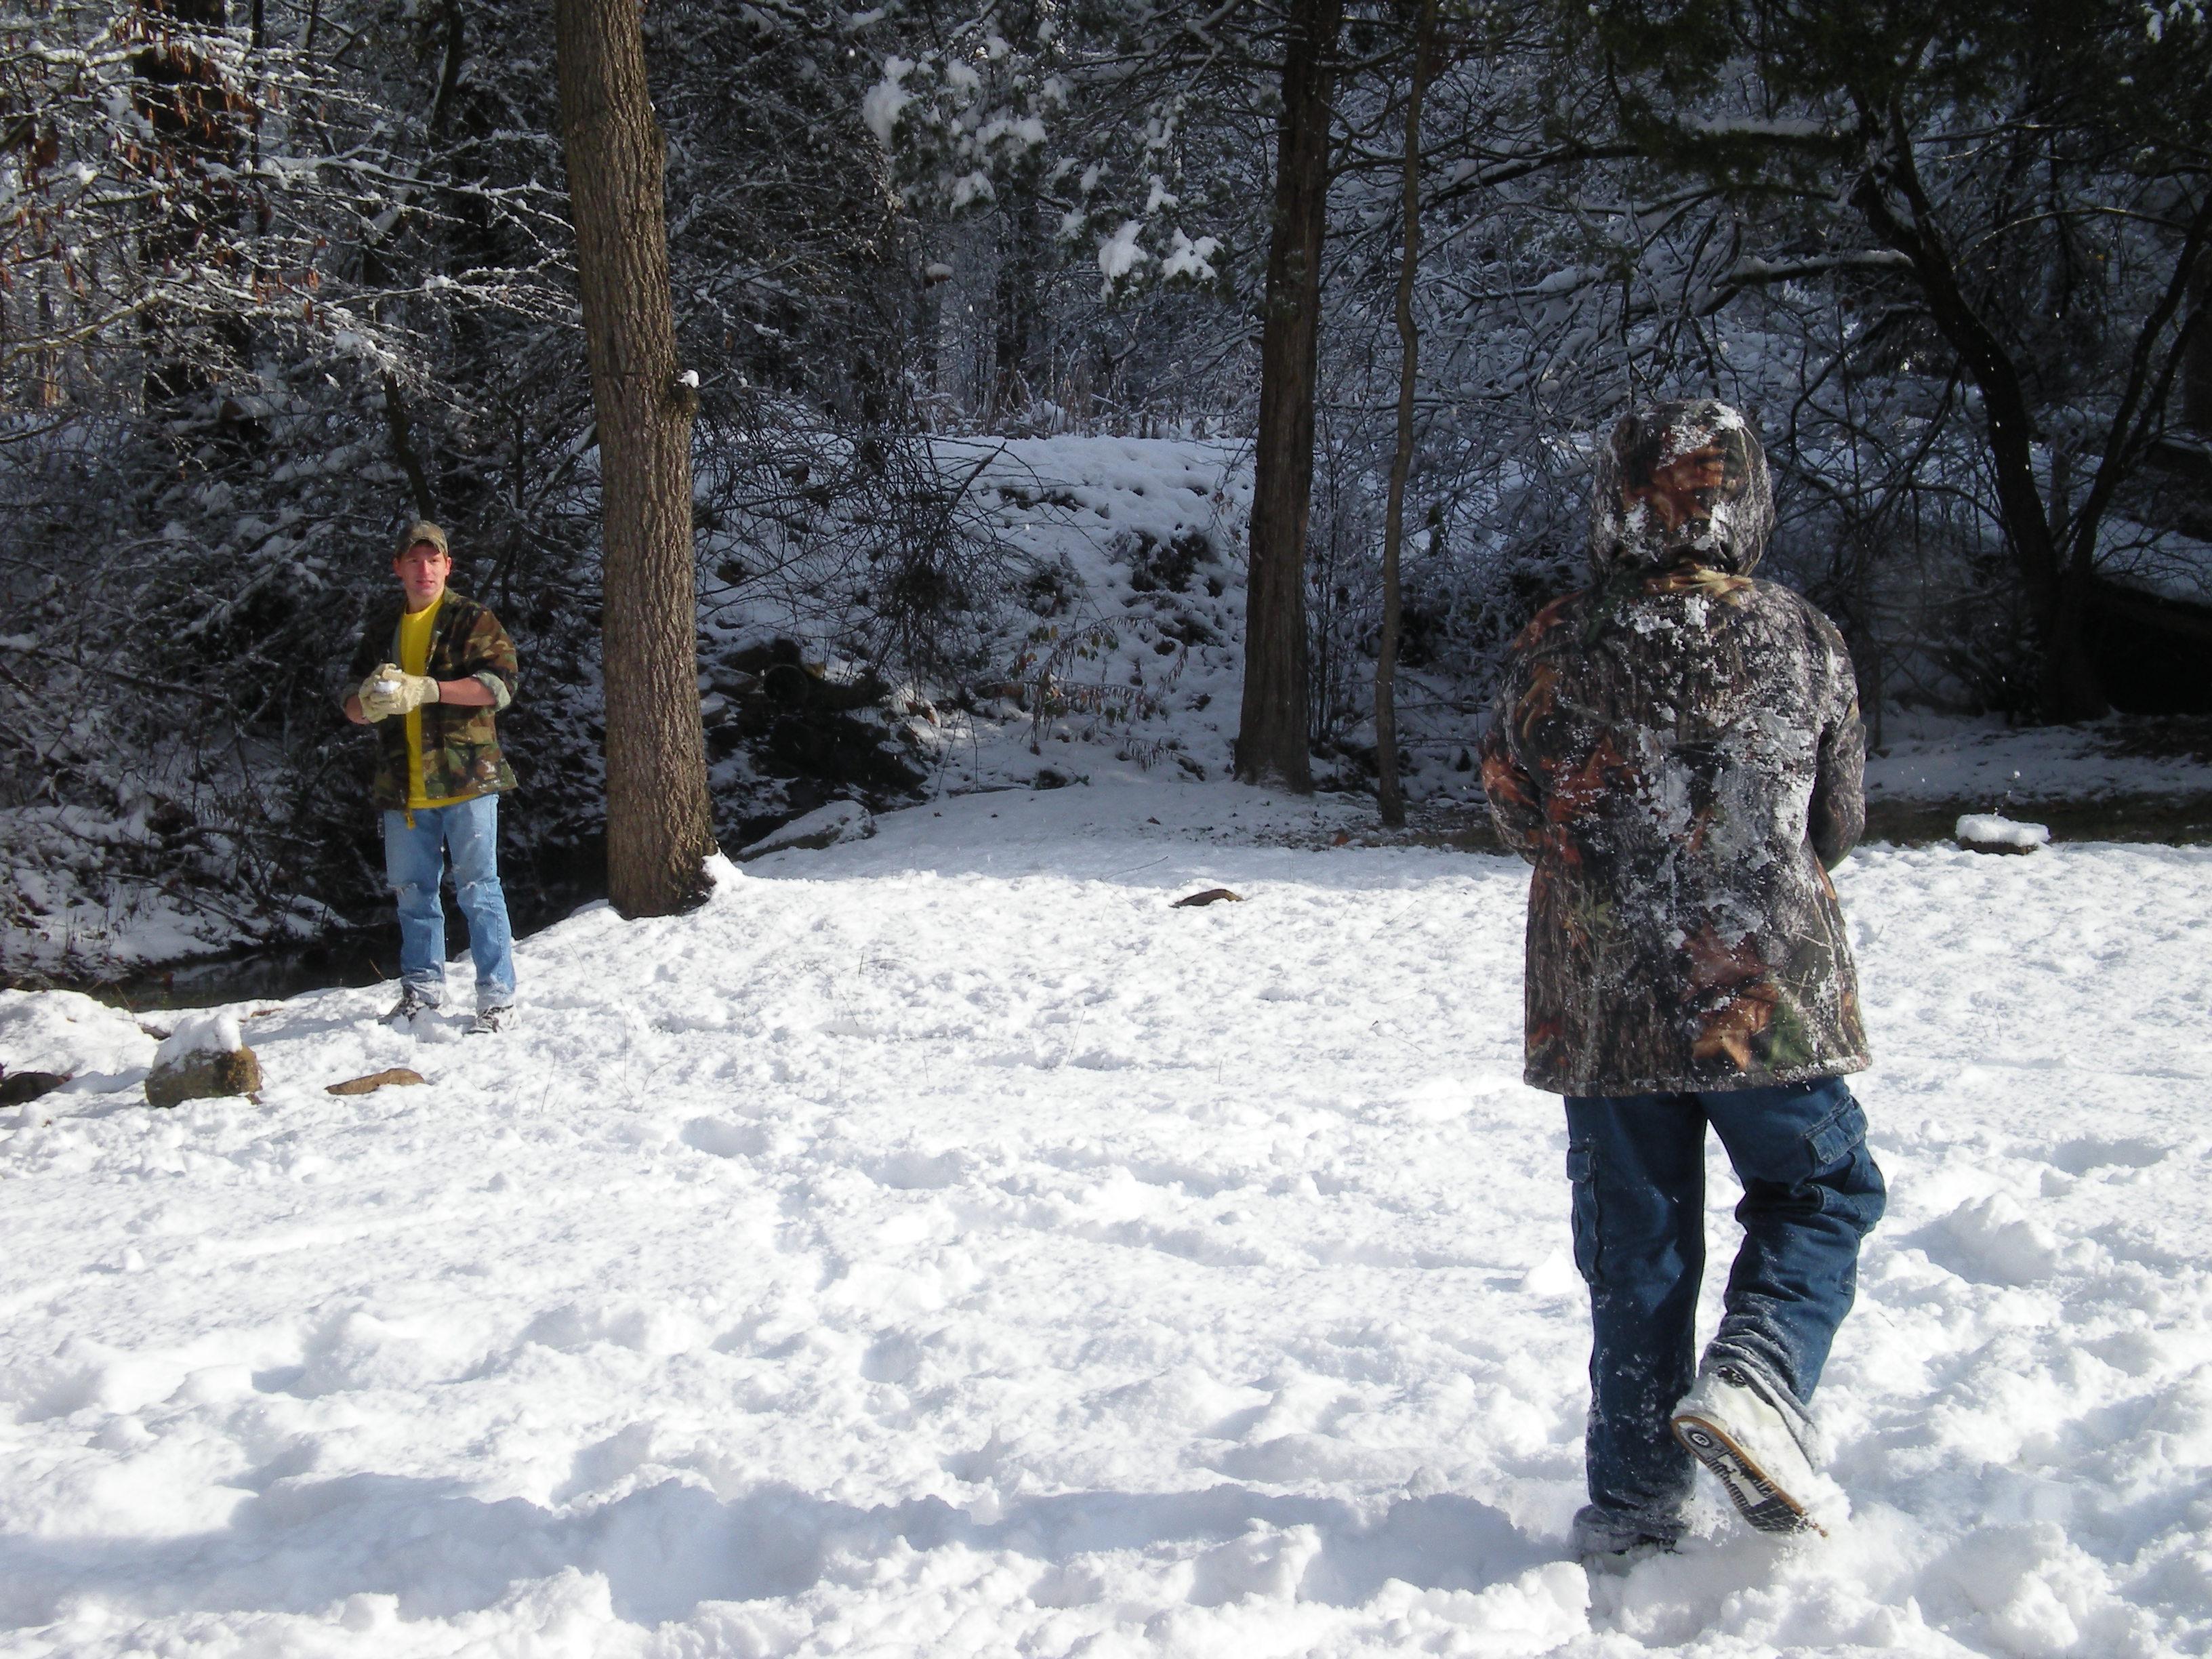 Harrisonburg / Shenandoah Valley KOA Holiday image 23